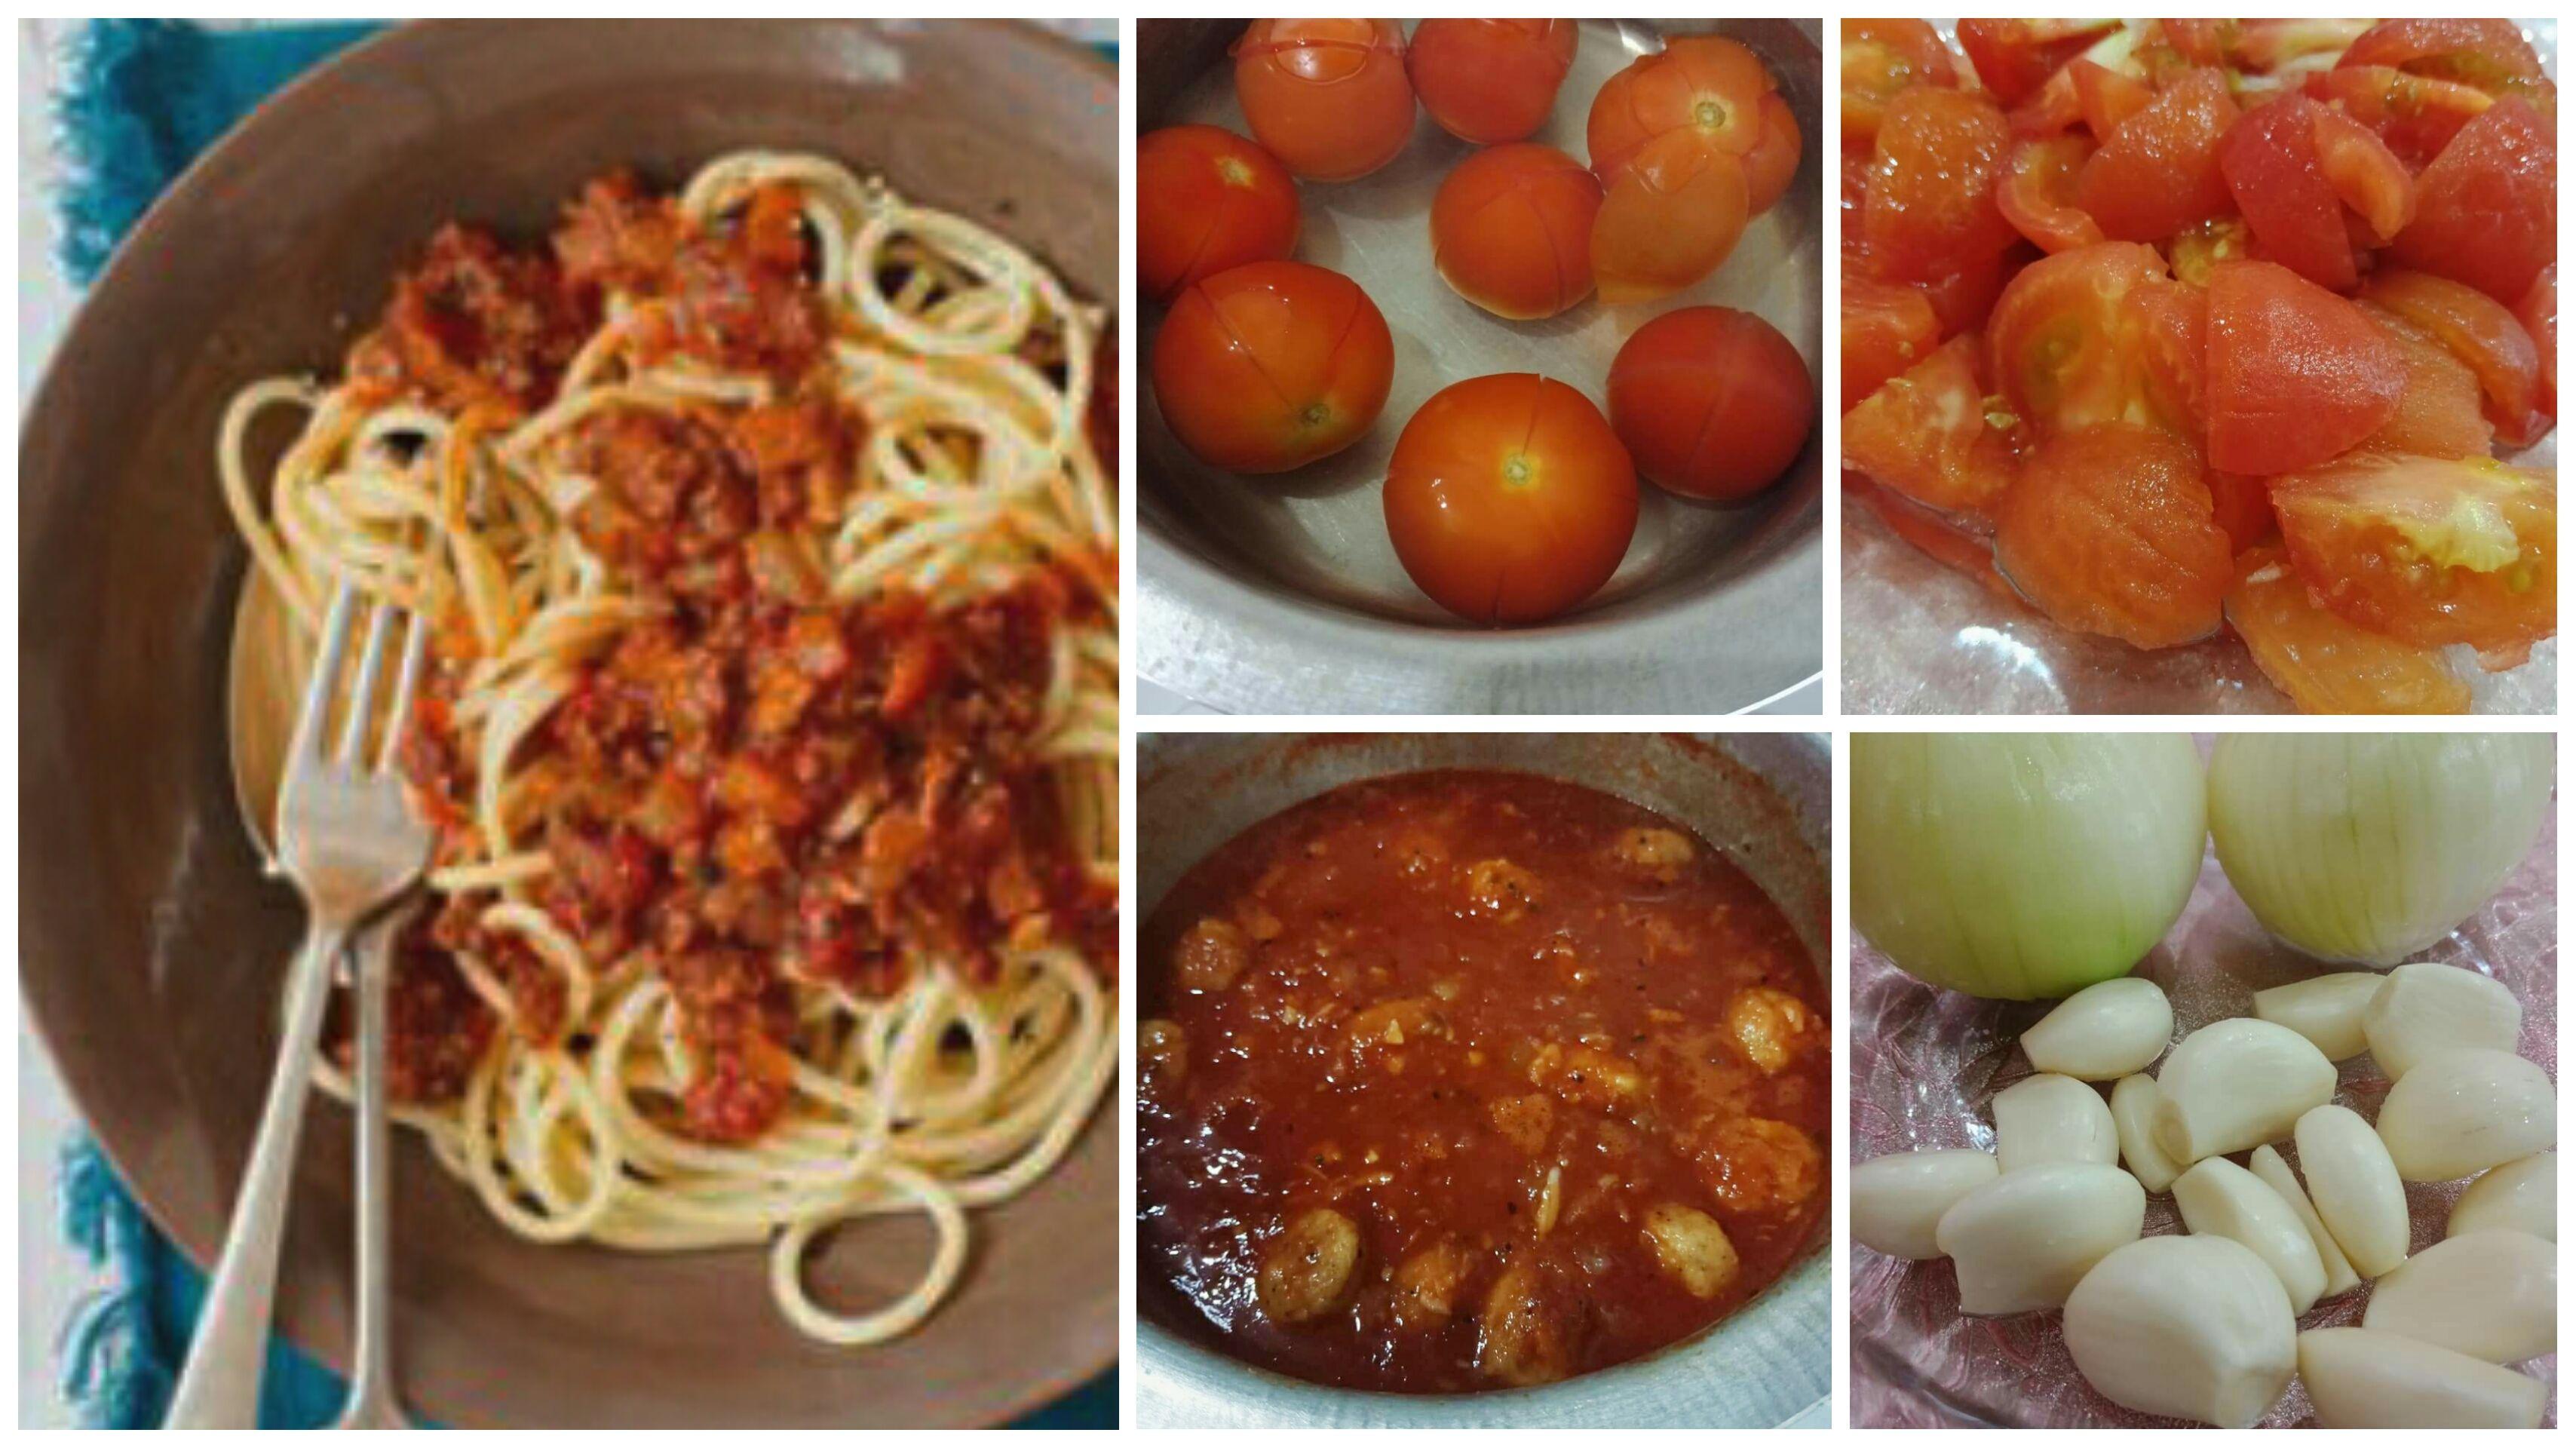 Cara Buat Kuah Spaghetti Bolognese Yang Lebih Sihat Guna Bahan Fresh Lagi Sedap Di 2020 Resep Masakan Spaghetti Makanan